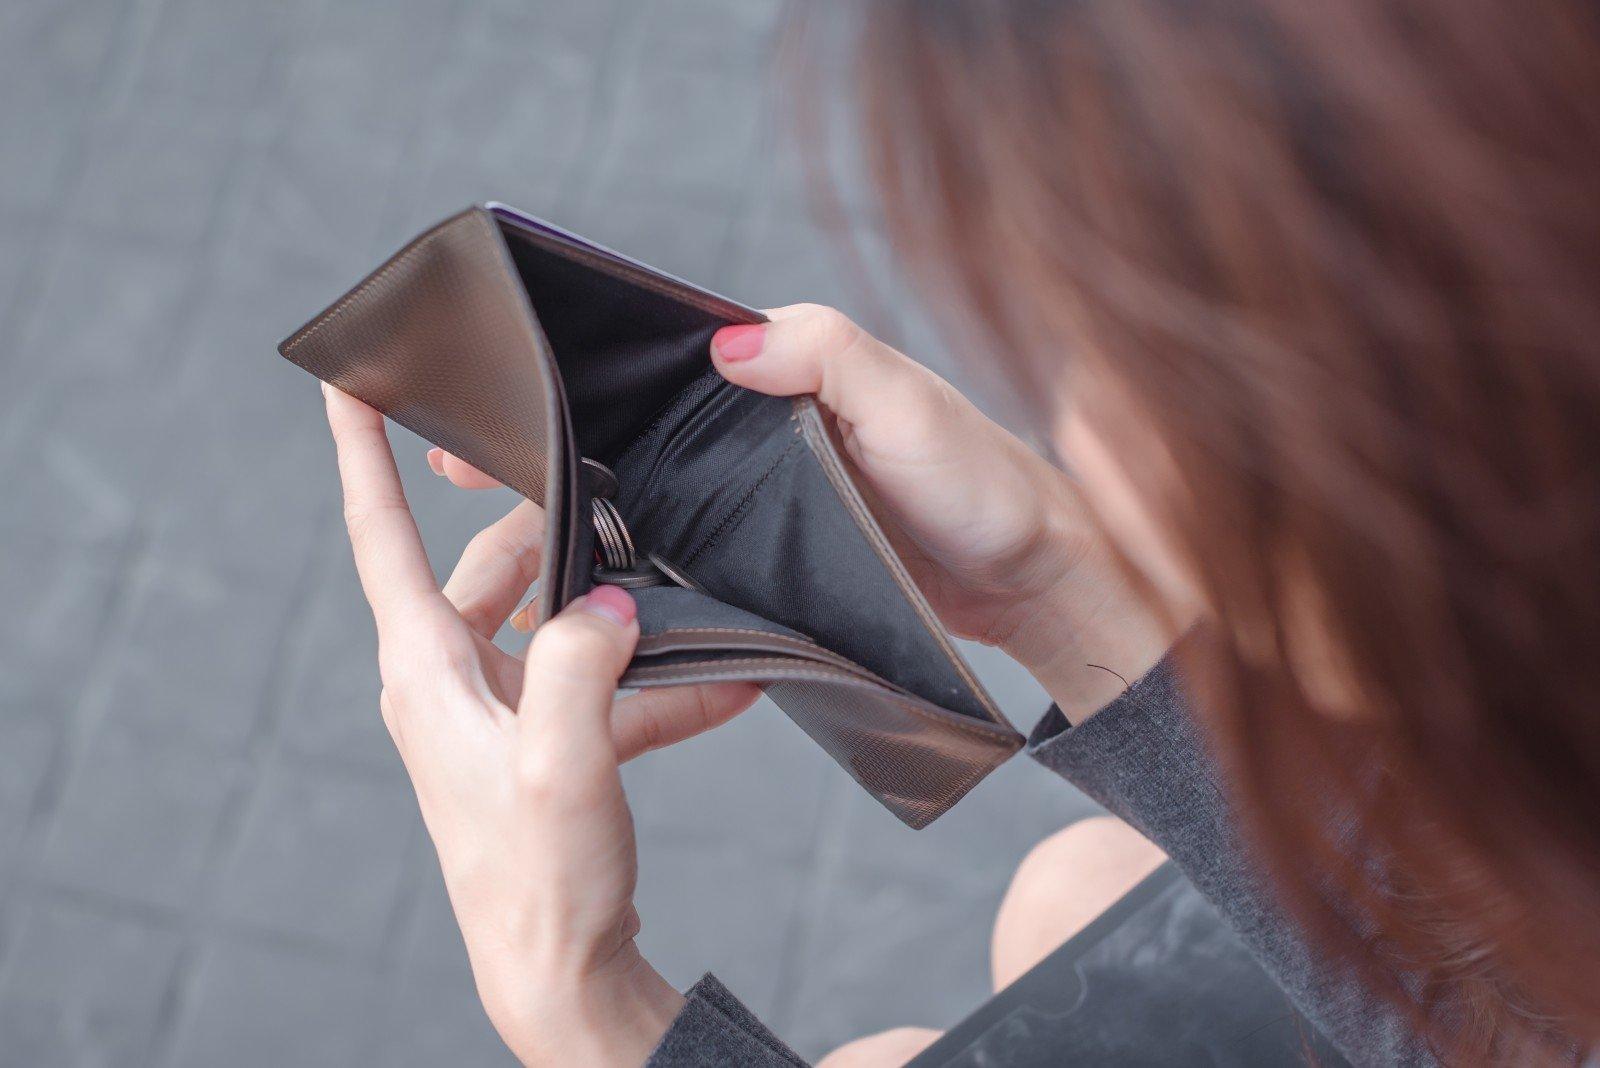 kaip išnaudoti pinigų uždirbimo galimybes